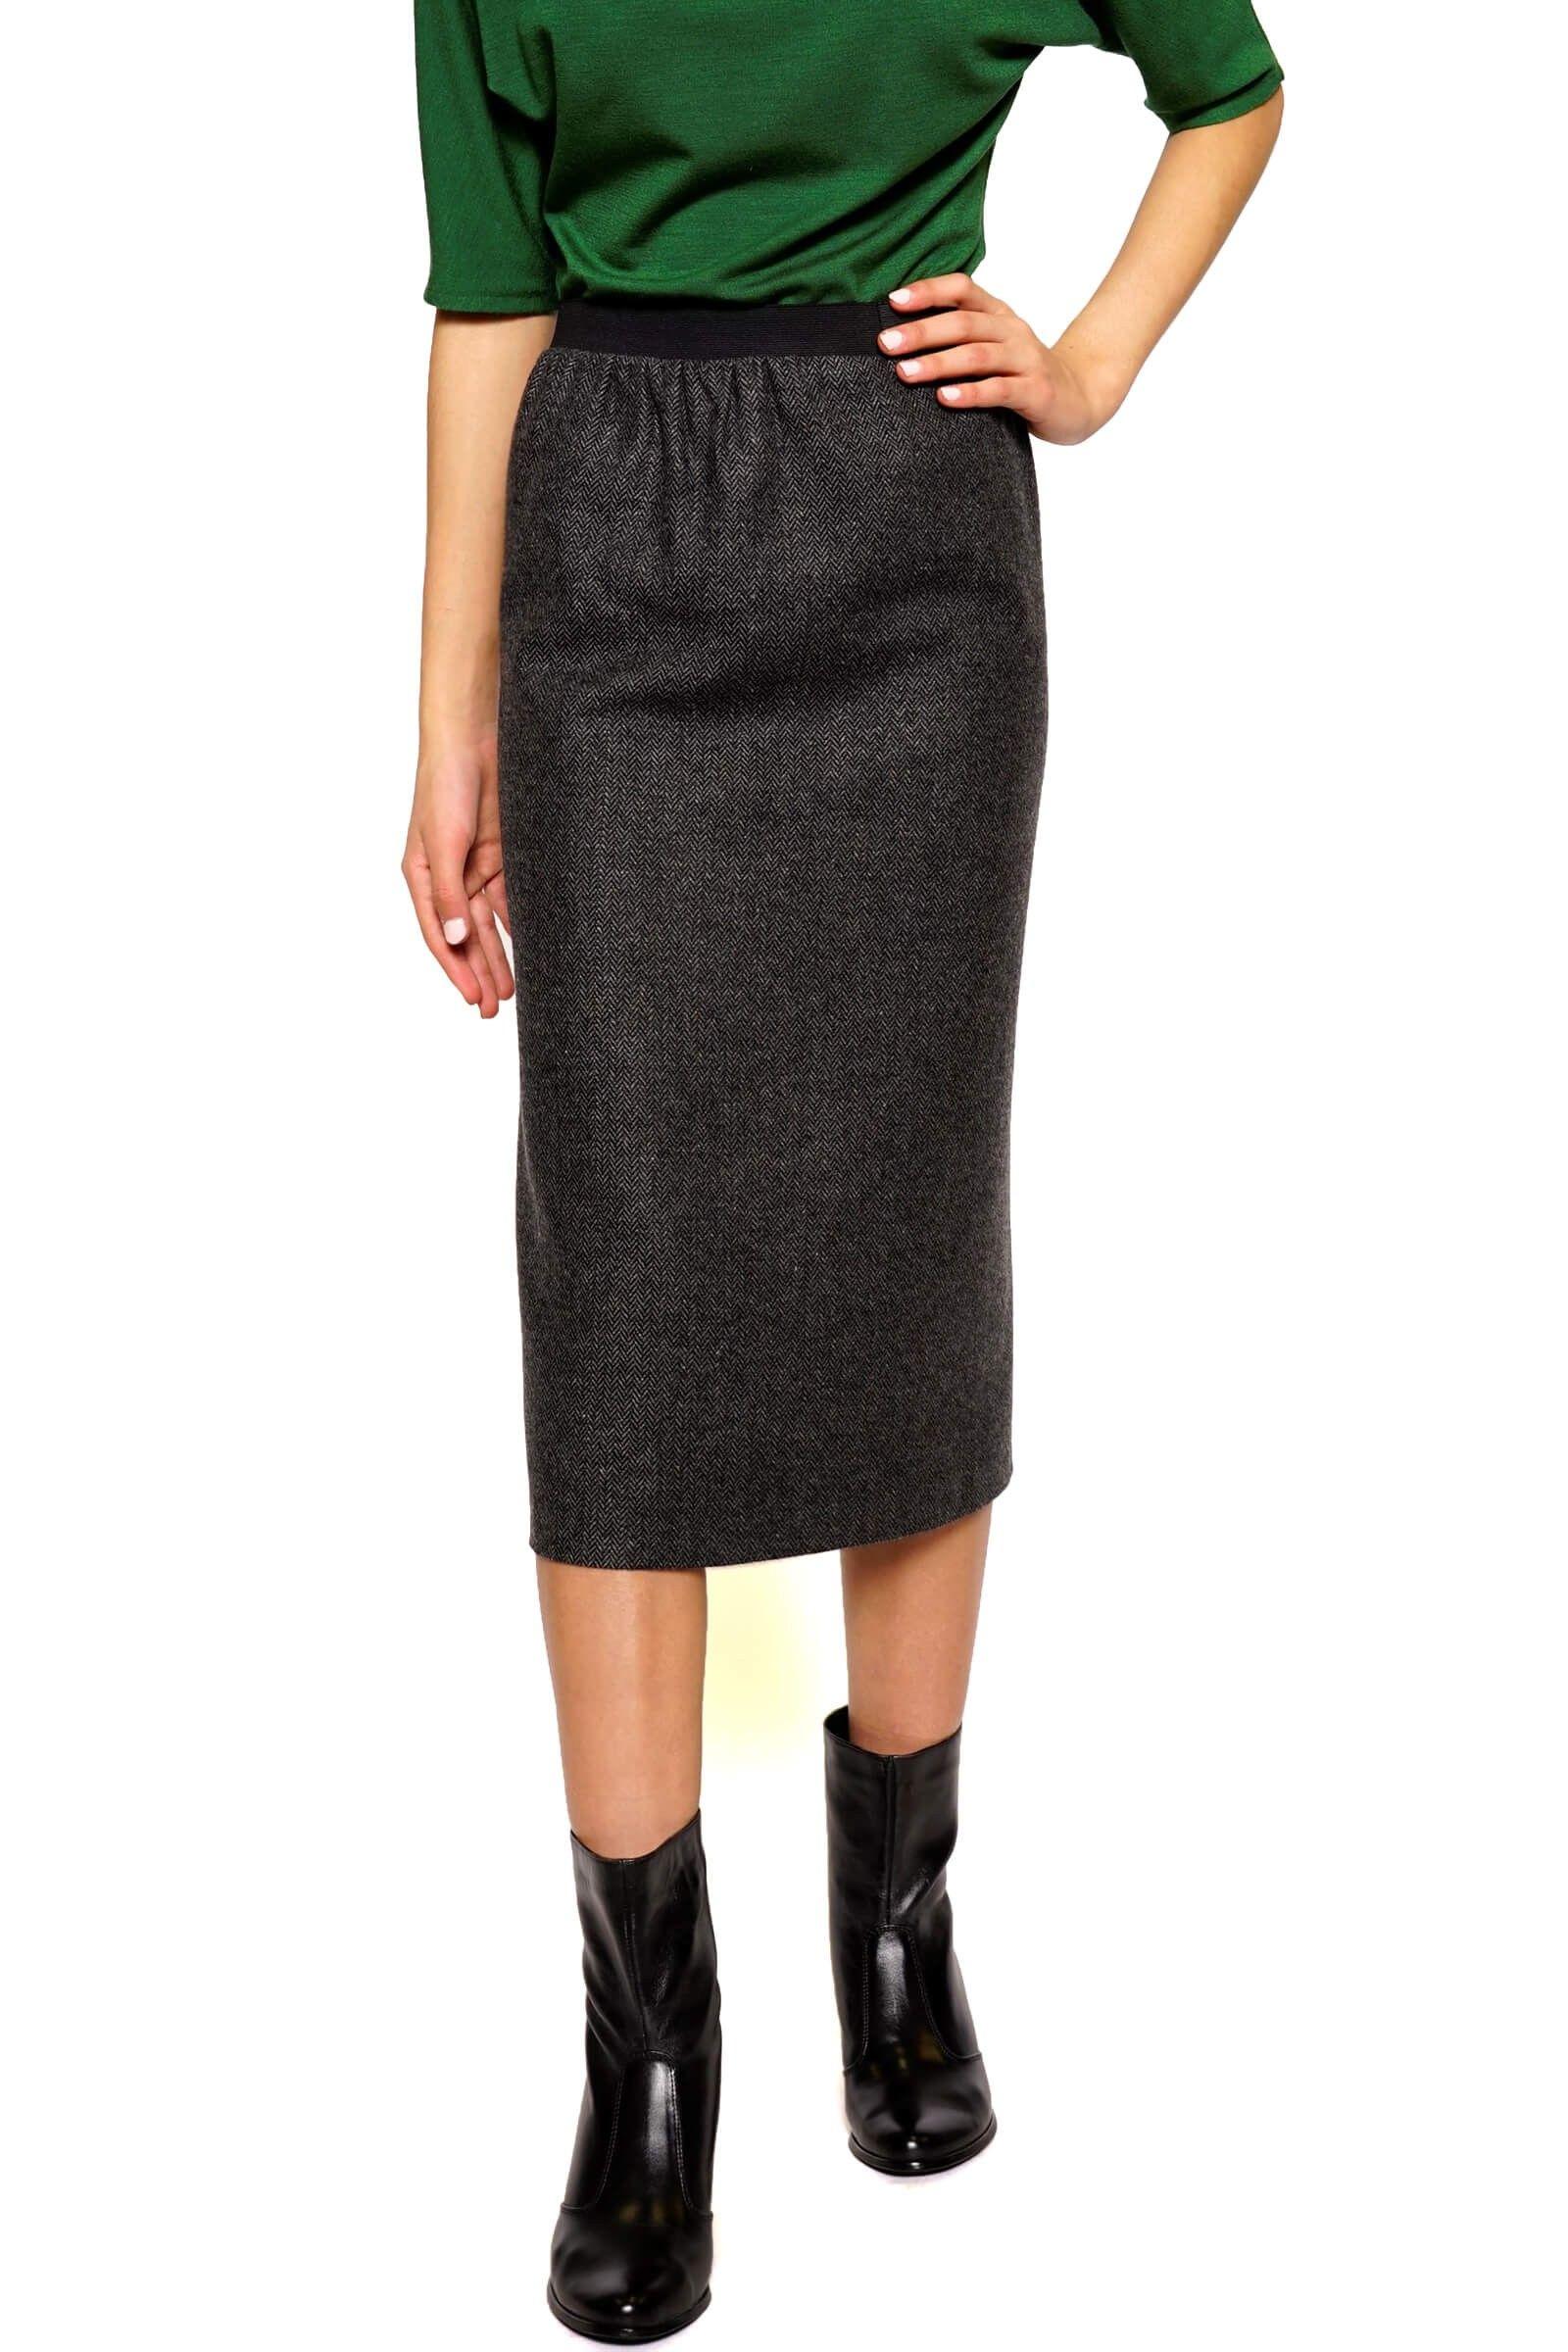 Straight fir fabric skirt